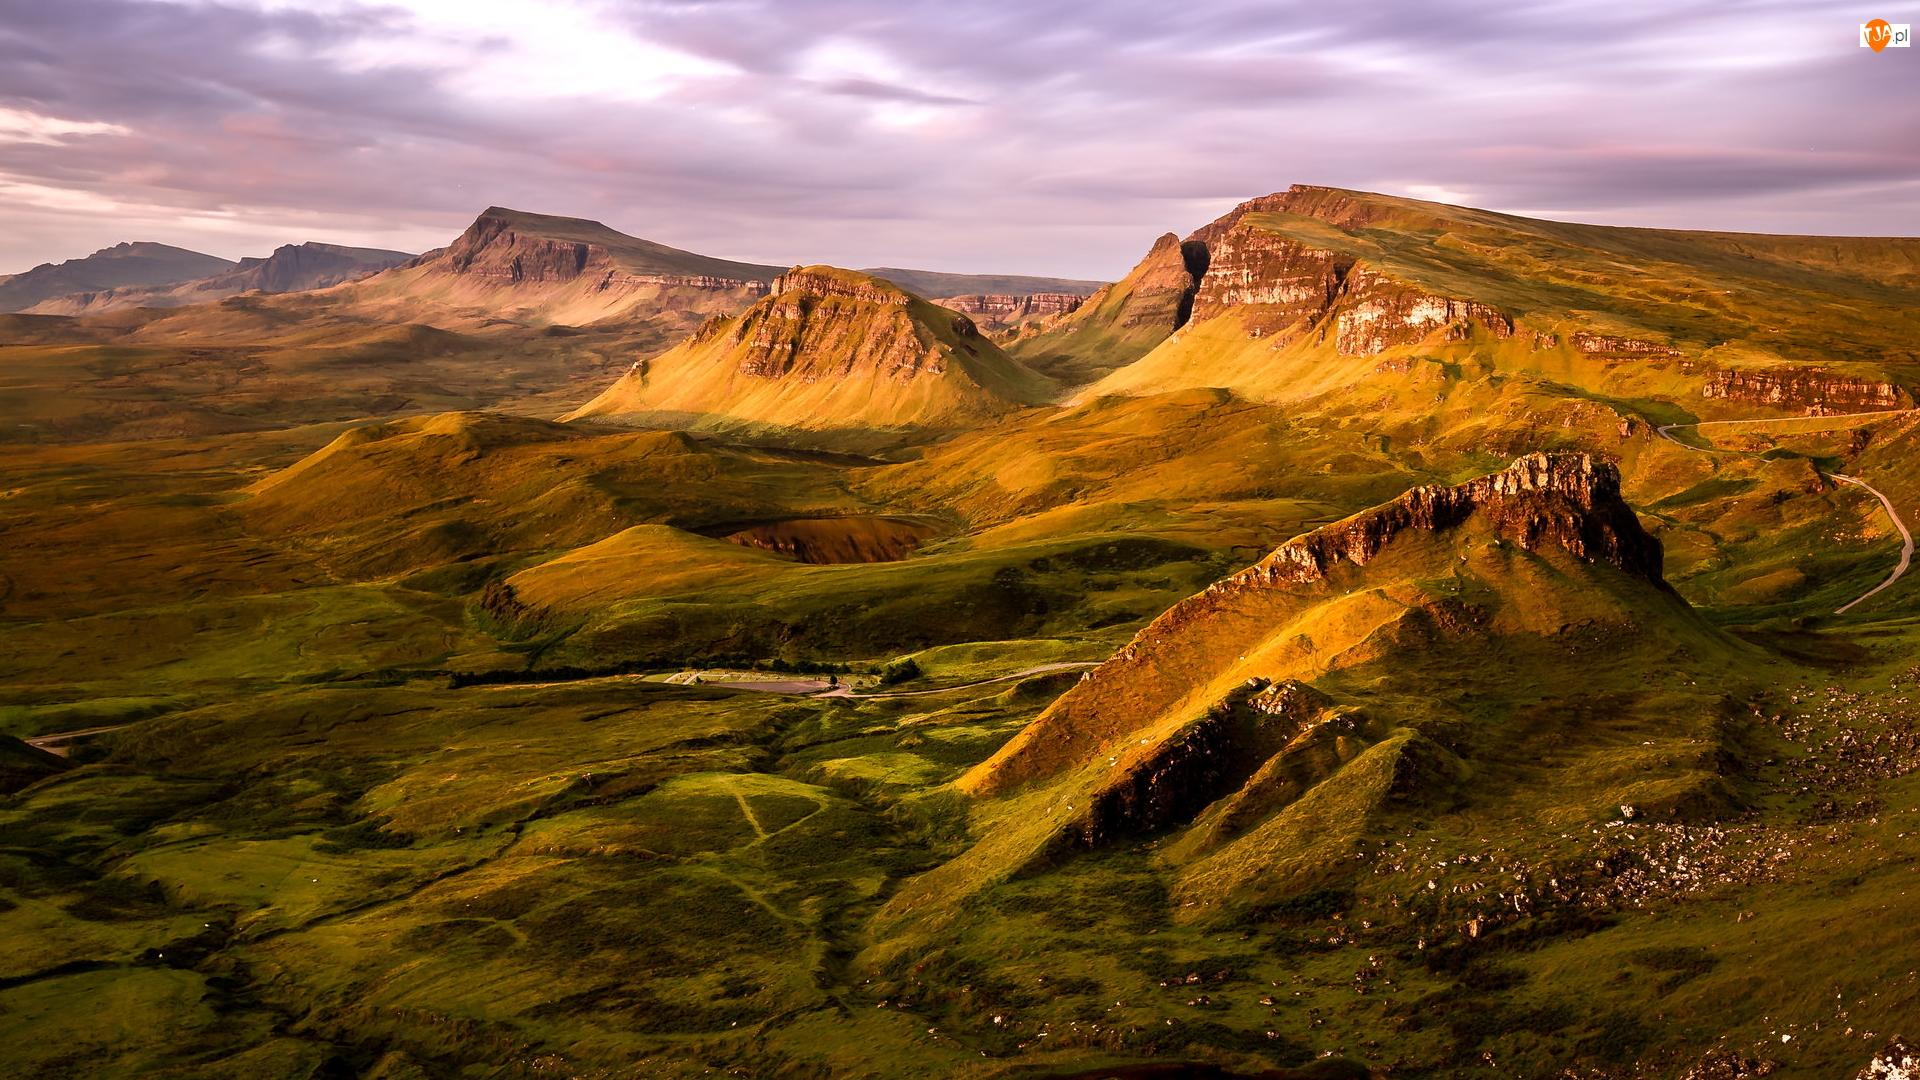 Wzgórza, Jezioro, Szkocja, Góry, Wyspa Skye, Quiraing, Osuwisko